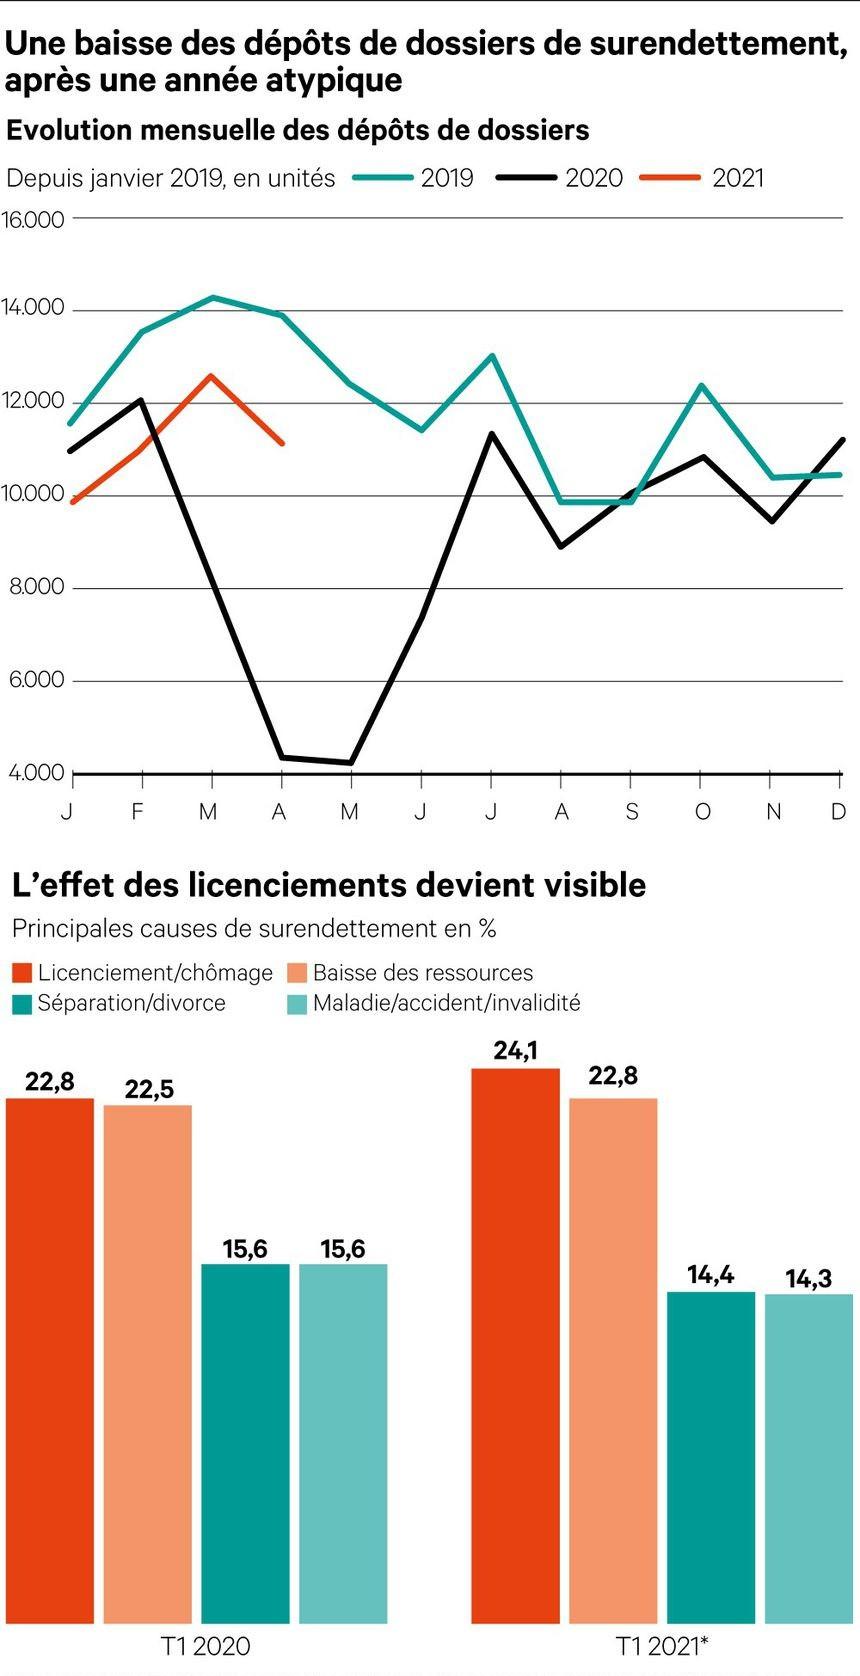 Source : Banque de France